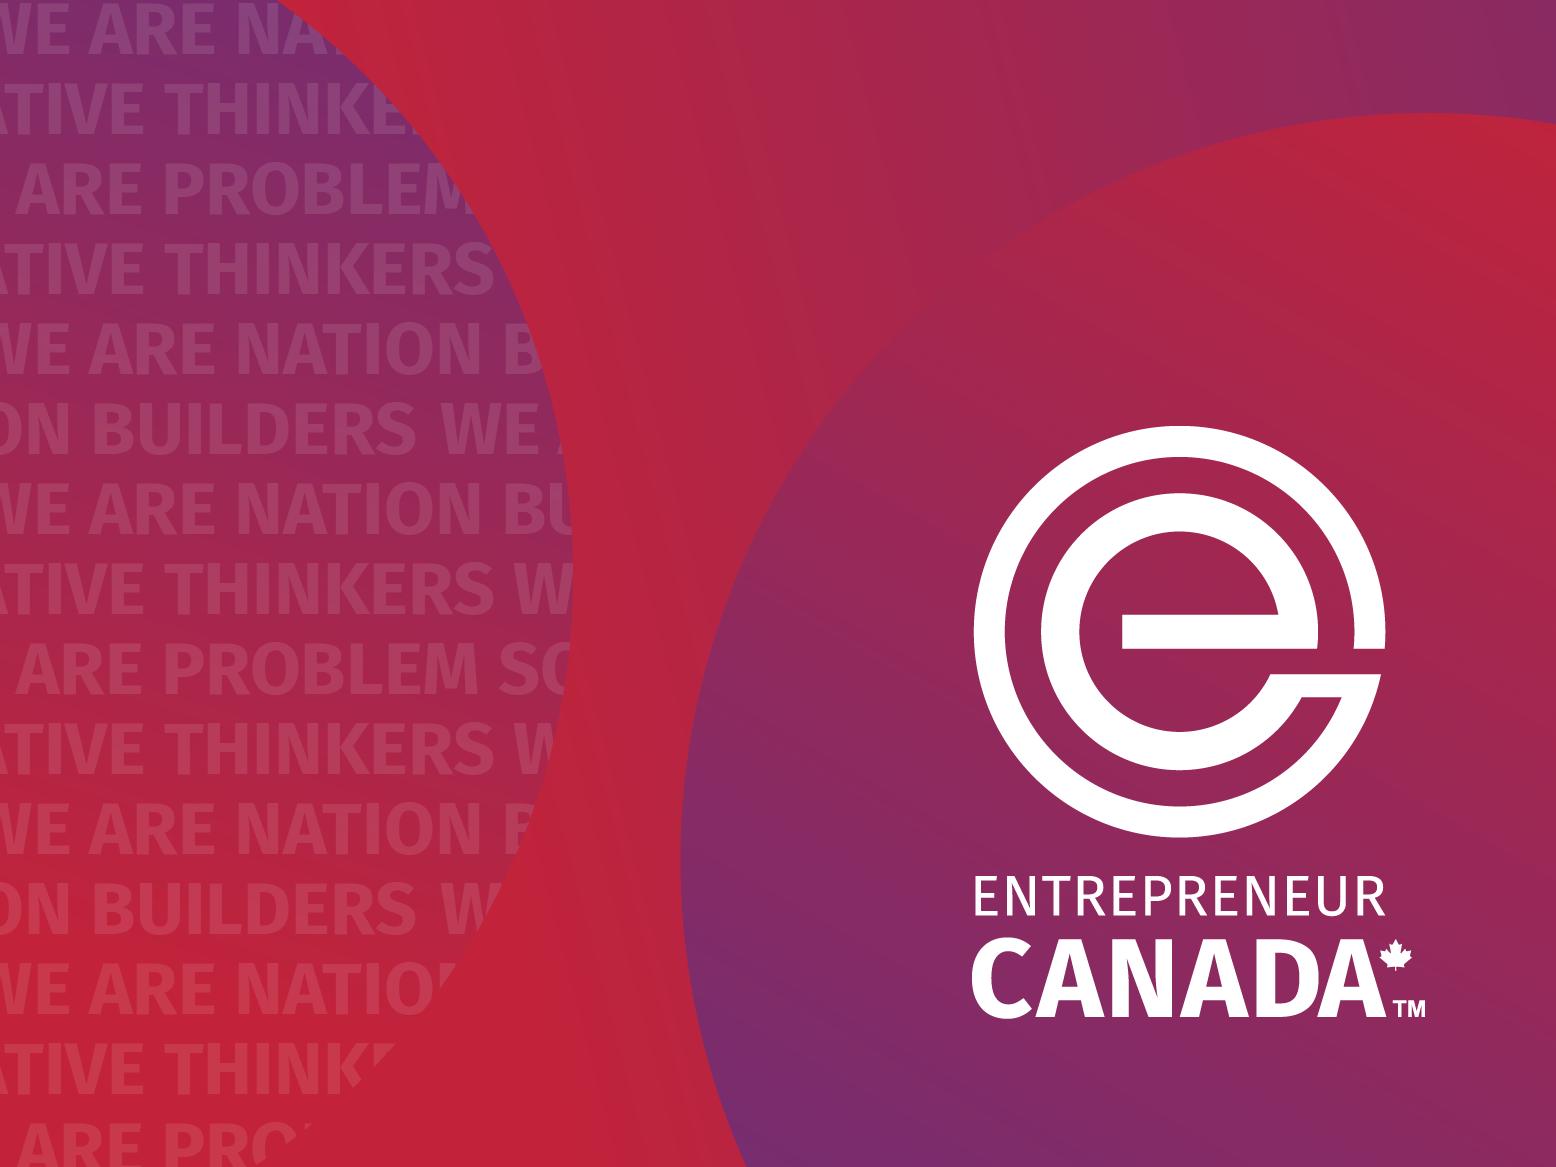 Entrepreneur Canada - Logo startupbranding startup branding entrepreneur logodesign logo